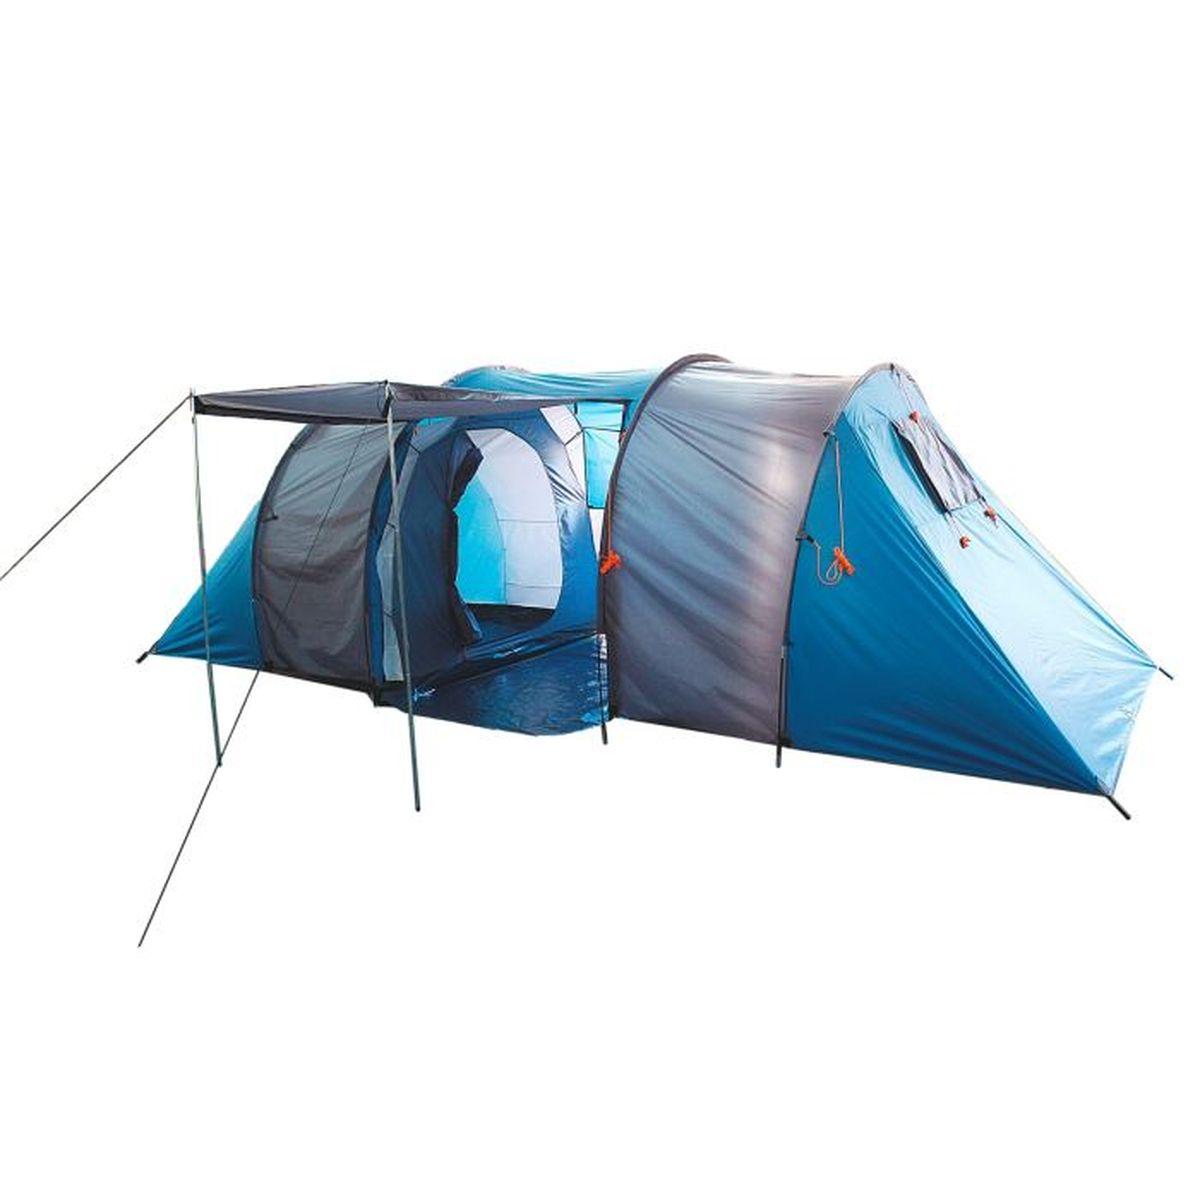 Палатка туристическая Onlitop CANYON 6, цвет: голубой867026Туристическая палатка CANYON — это конструкция, которая станет вашим вторым домом в природных условиях. Увеличенное пространство позволяет разместиться сразу всей семье. Она укроет от летнего зноя, непогоды, защитит от насекомых и мелких грызунов. Палатка проста в установке, а сэкономленное на сборке время вы сможете потратить на более приятные развлечения. Большой тамбур вместит все вещи. Шесть вентиляционных окон помогут проветрить палатку, что особенно актуально при такой вместимости. Положите палатку в багажник машины, рюкзак или несите её за удобные ручки и наслаждайтесь досугом.